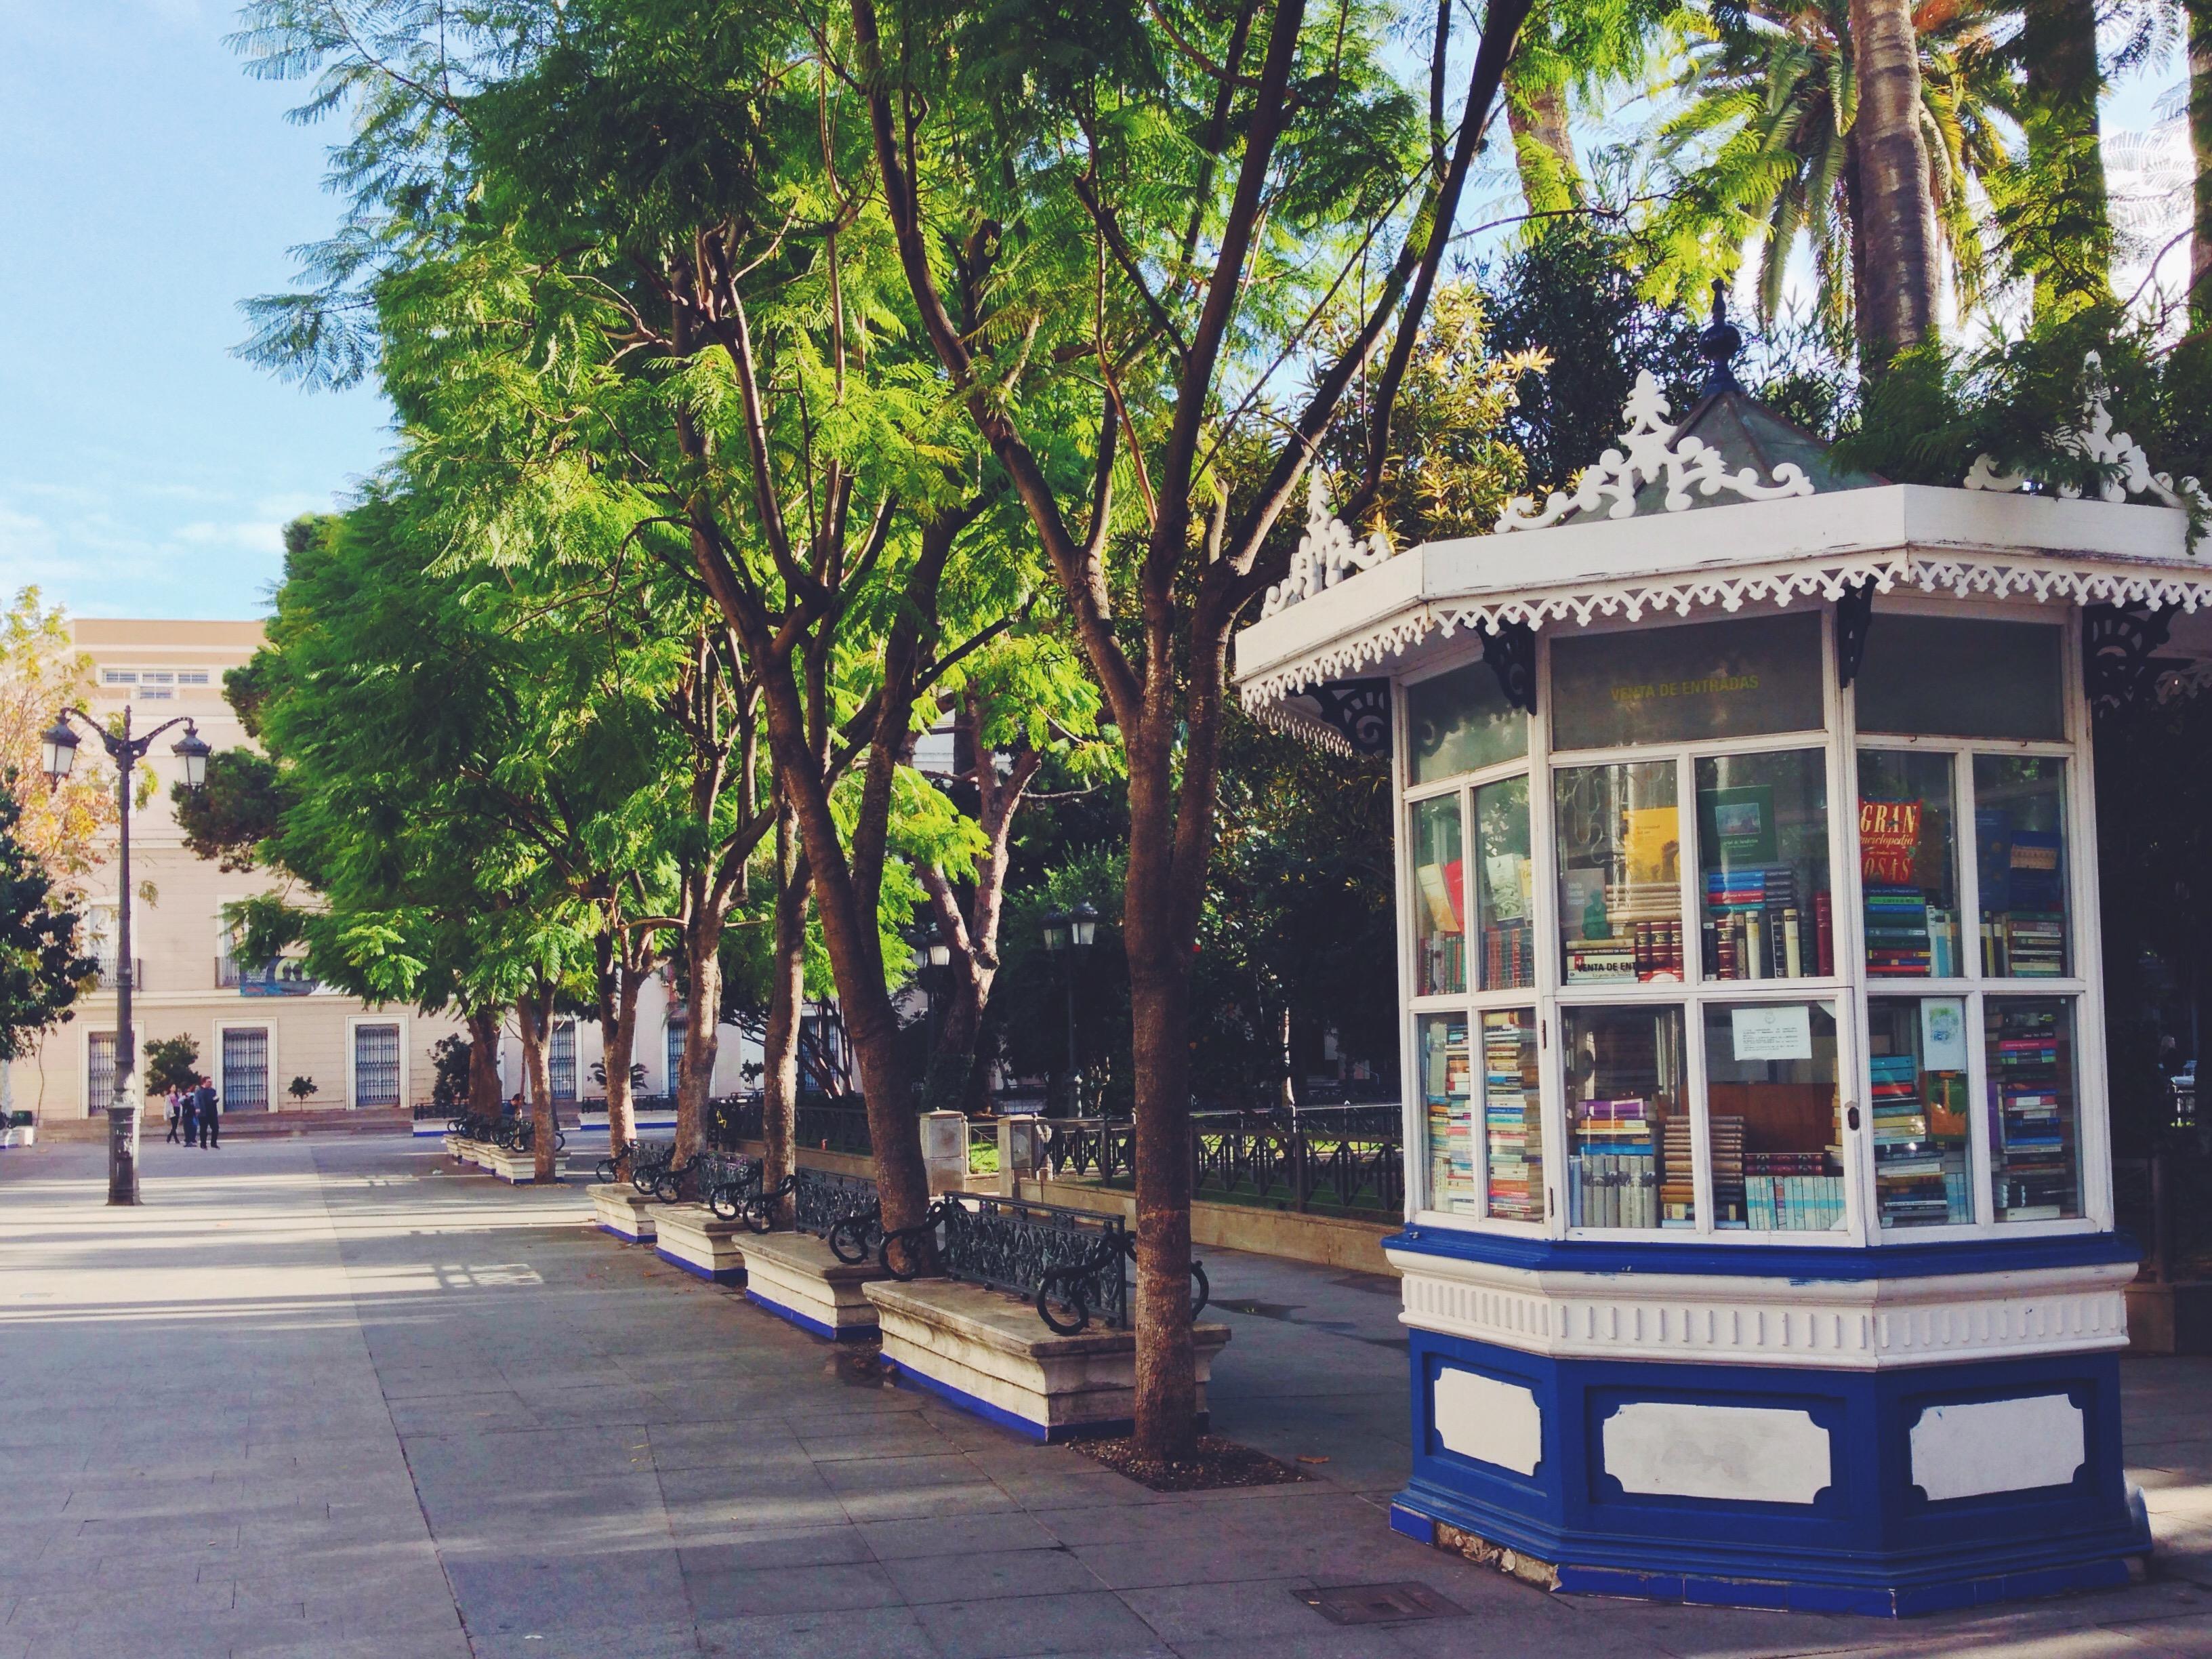 Piccole librerie in piccole piazzette cittadine